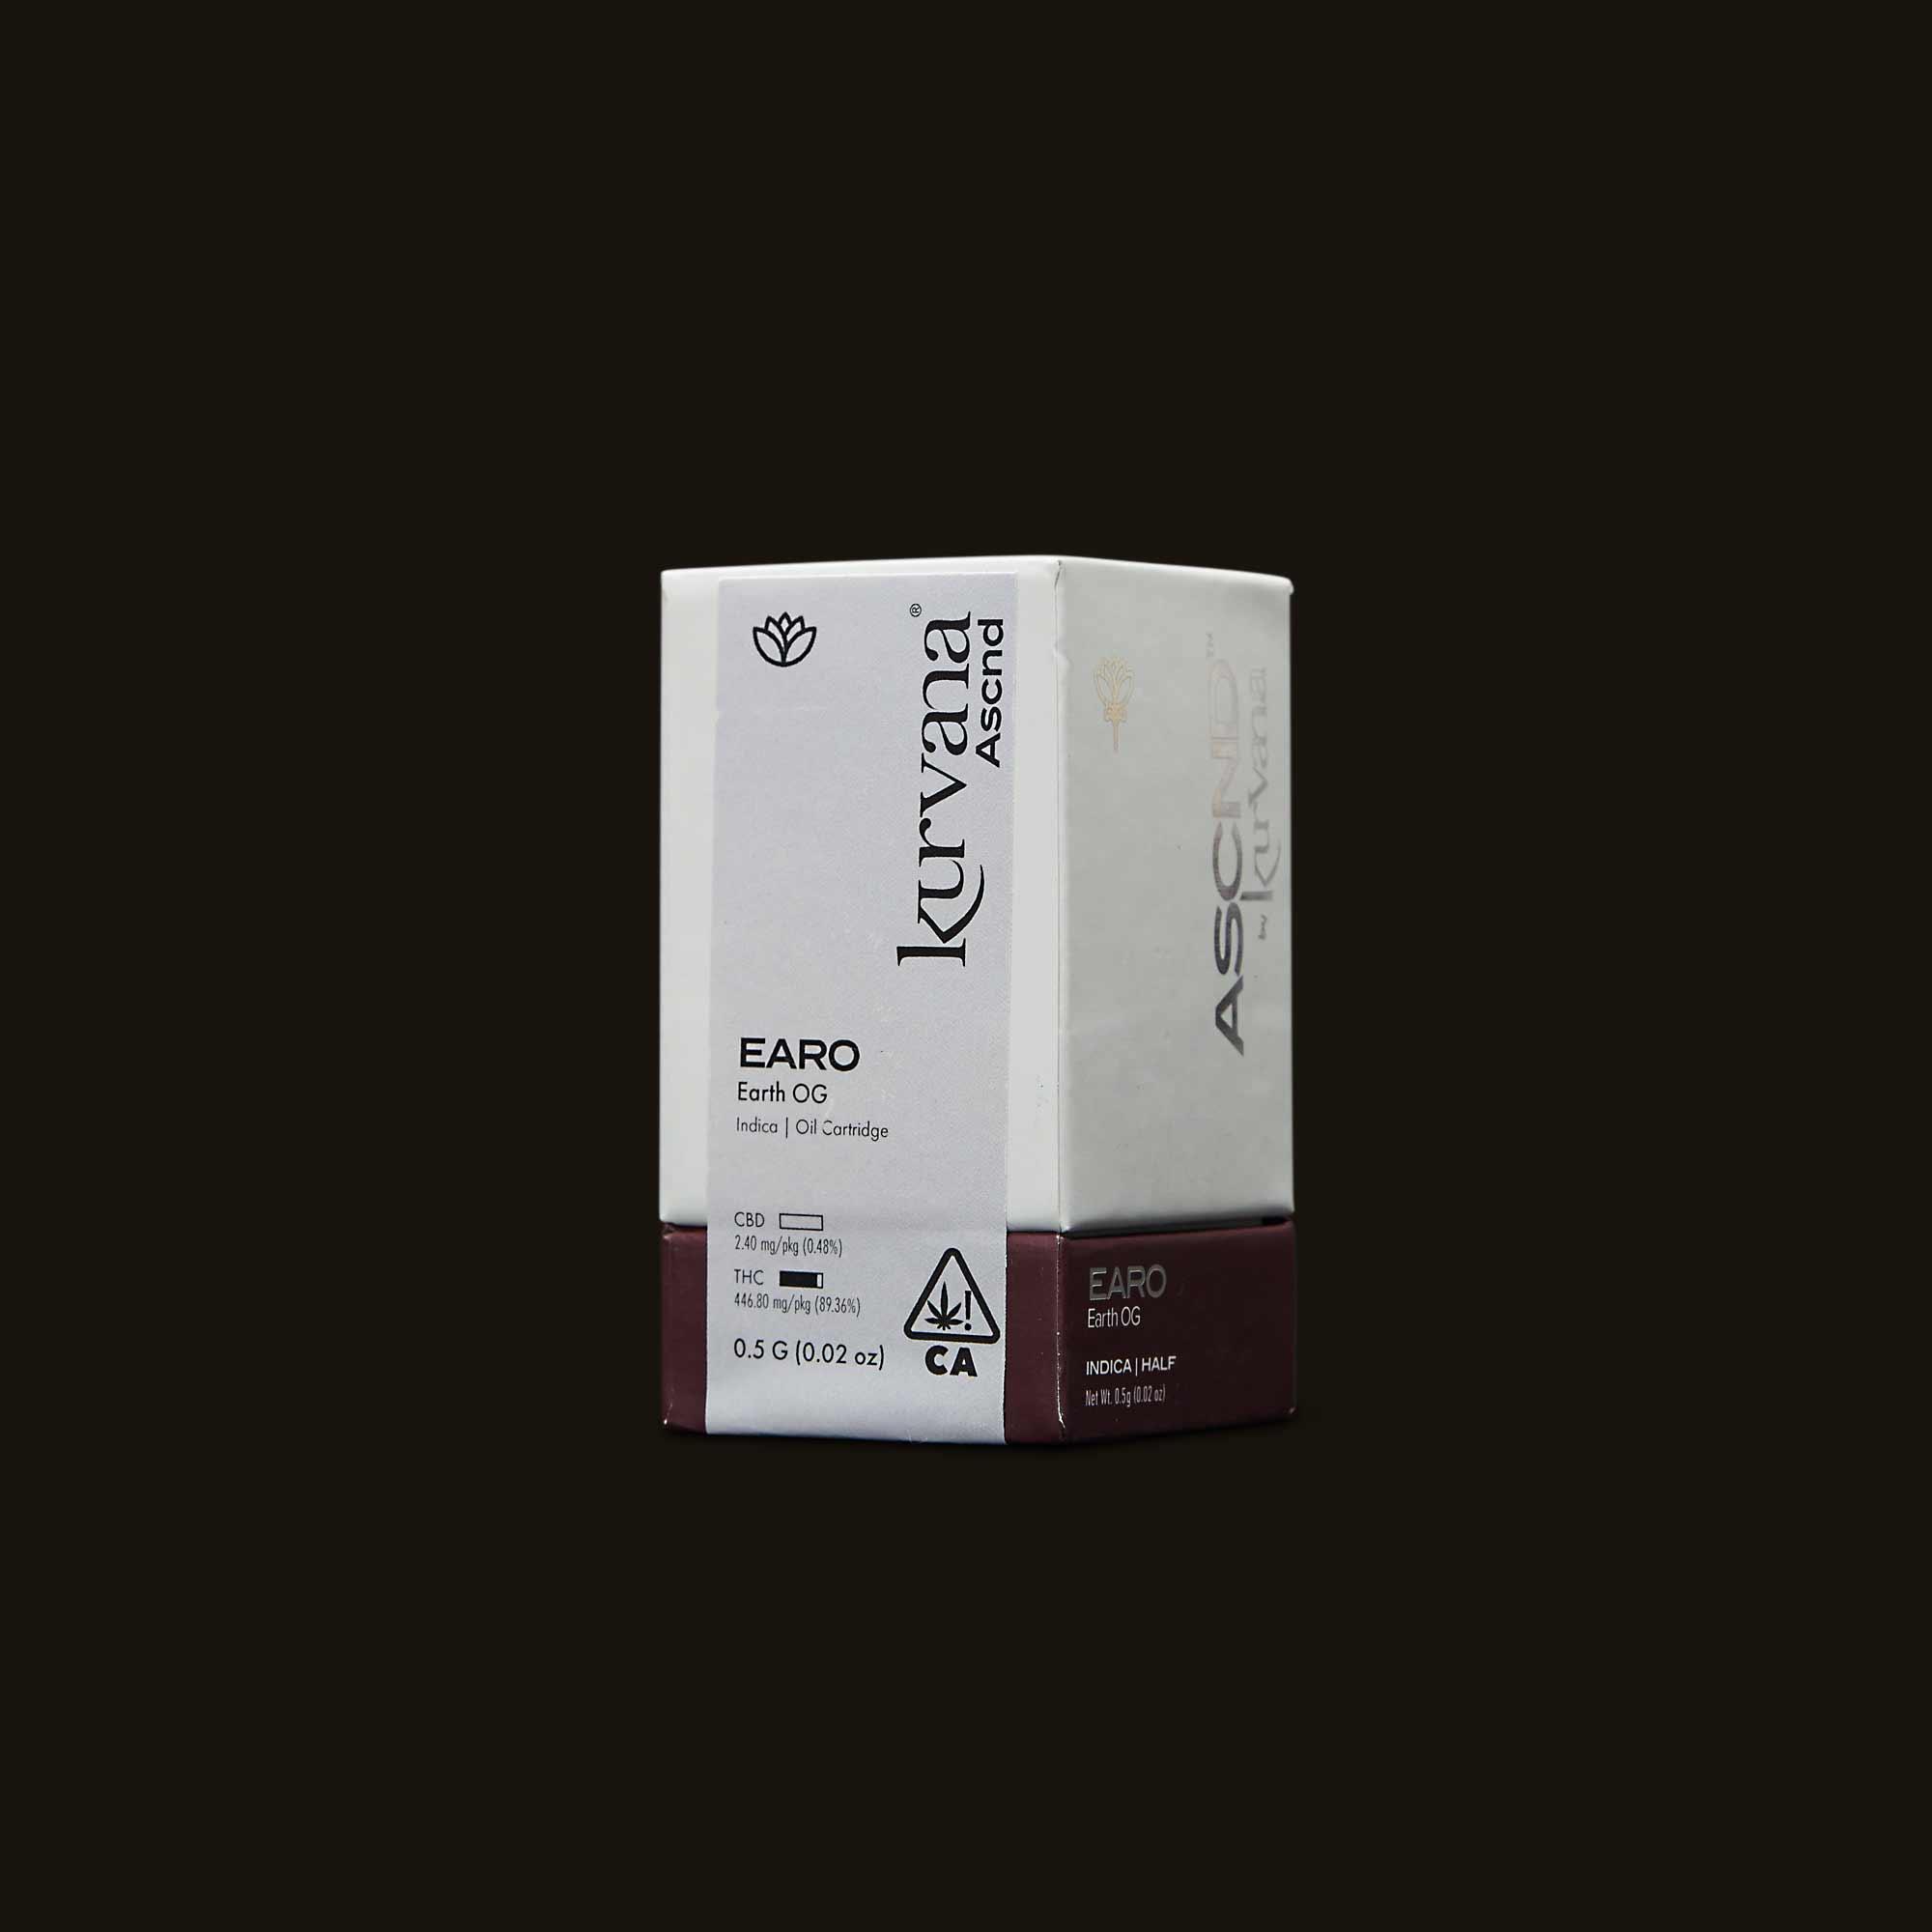 Kurvana ASCND Earth OG Packaging